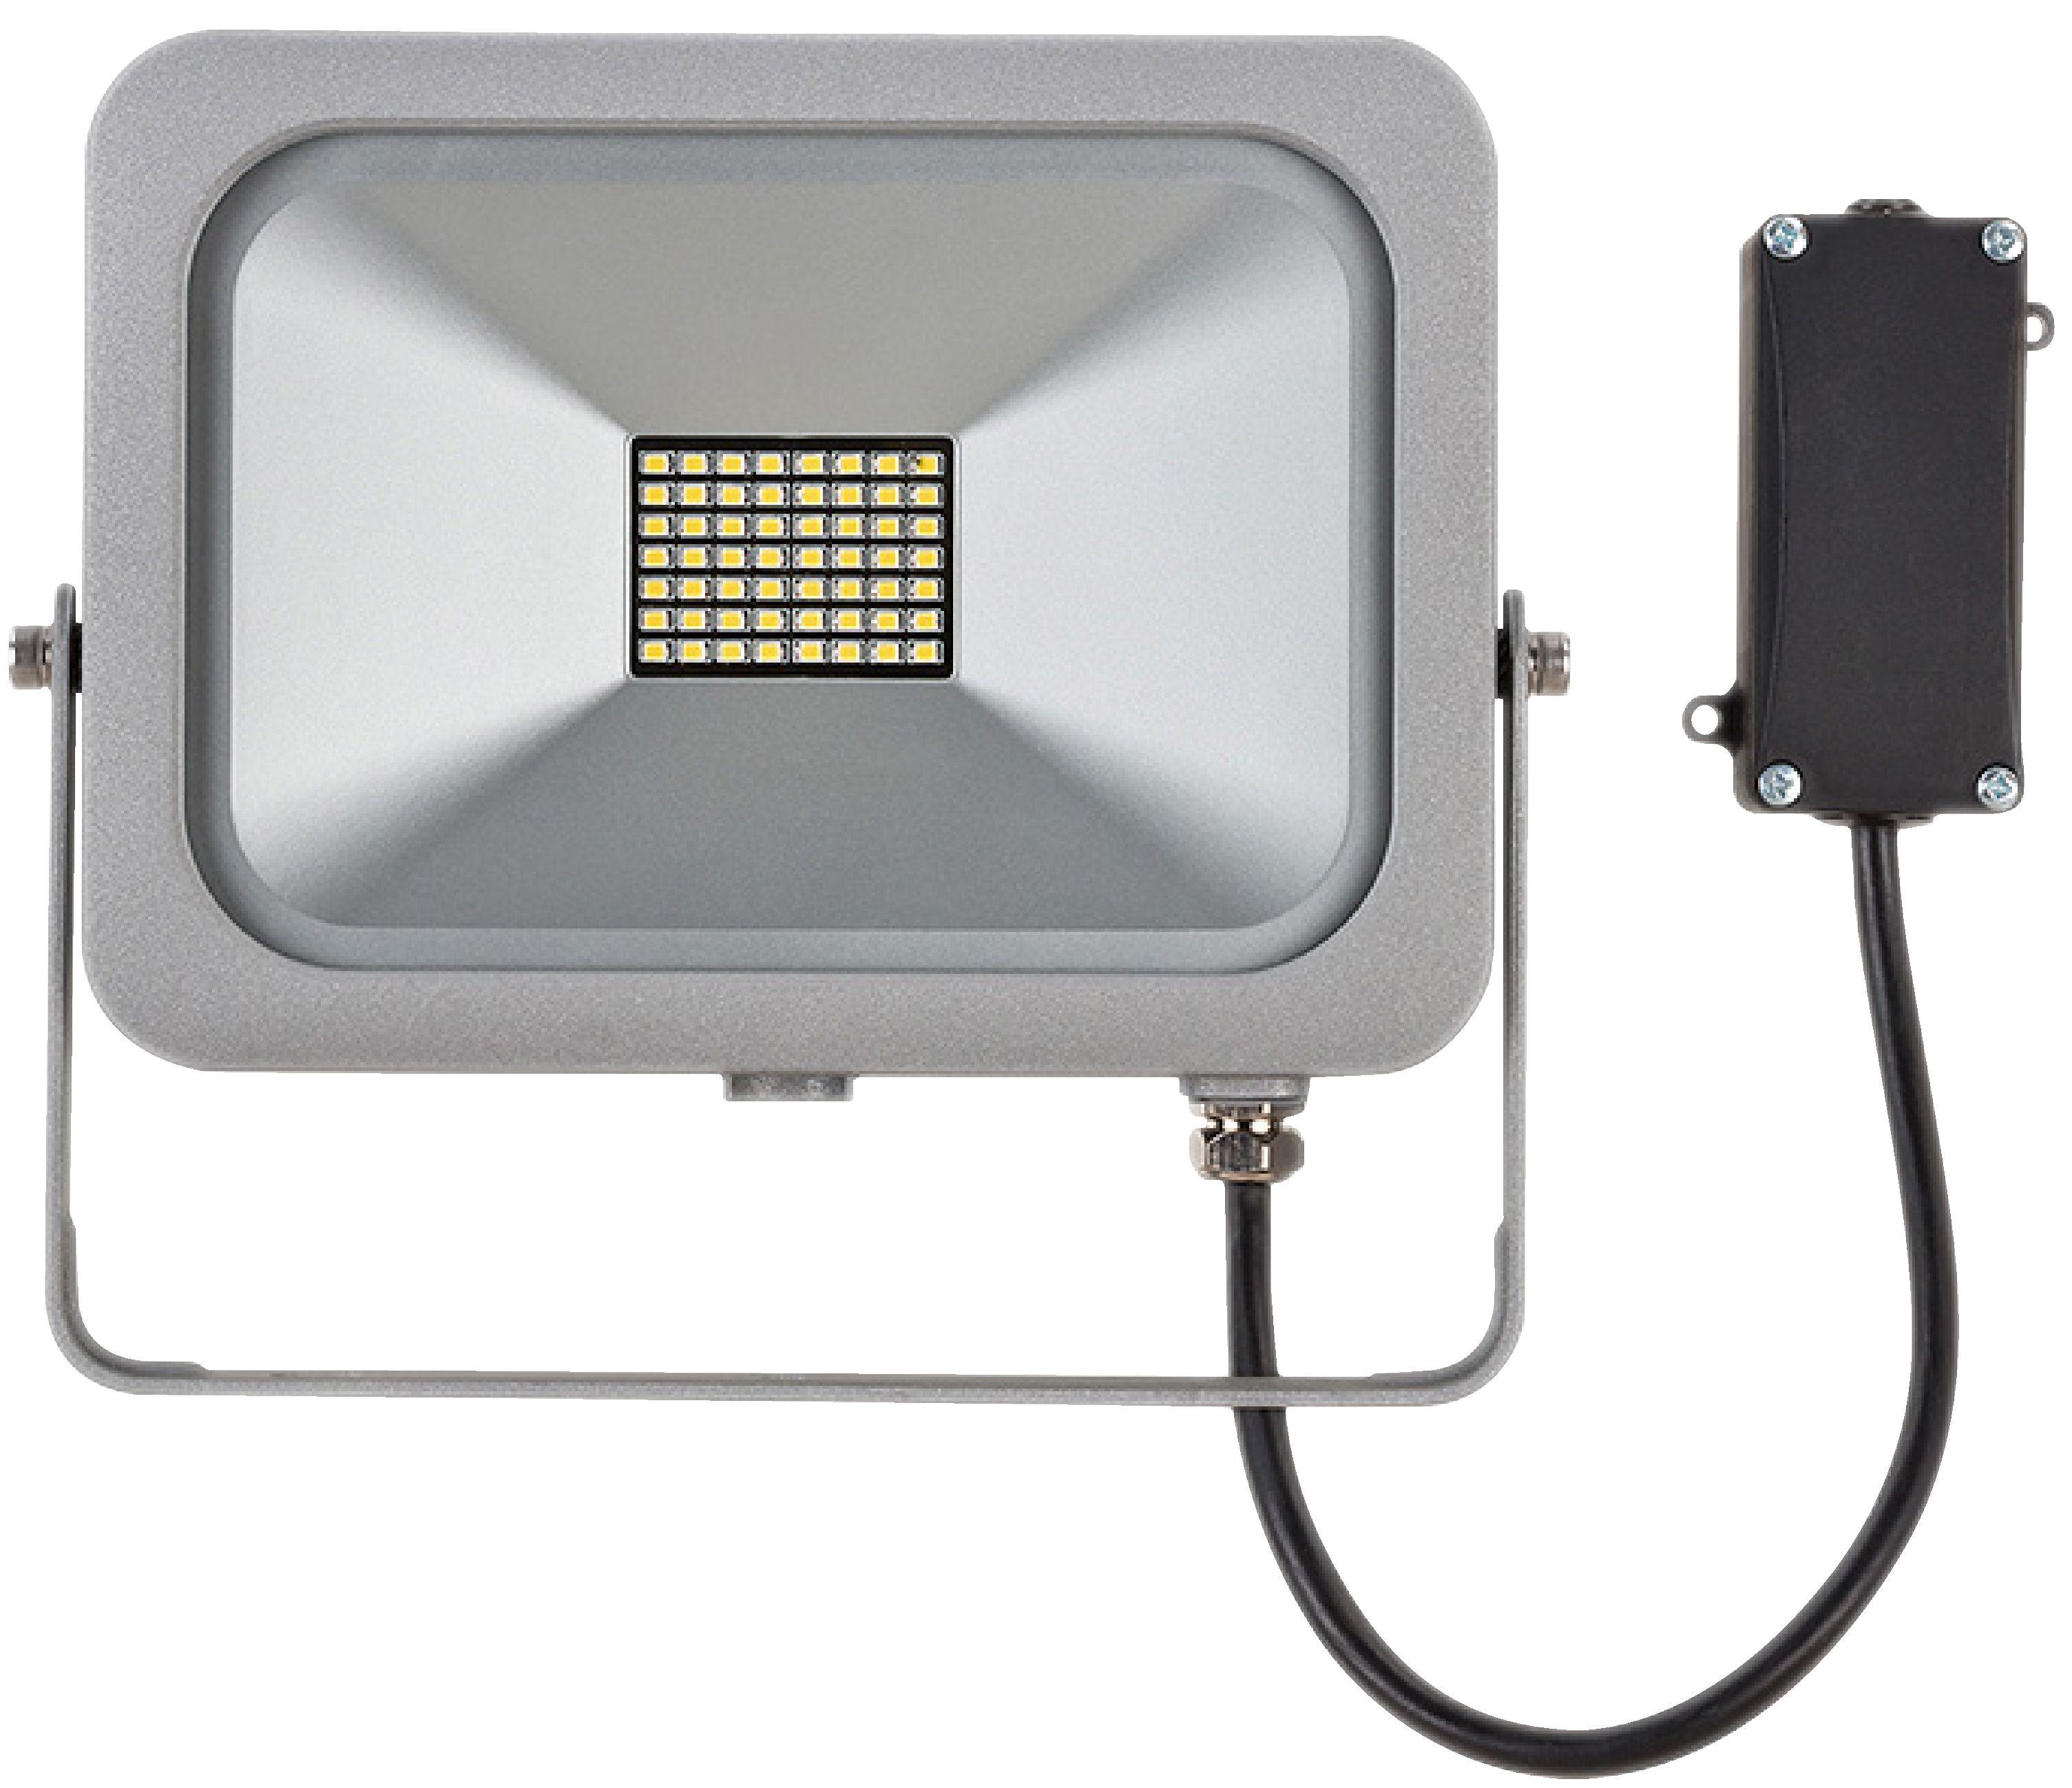 Brennenstuhl 1172900300 LED reflektor 30 W 2530 lm